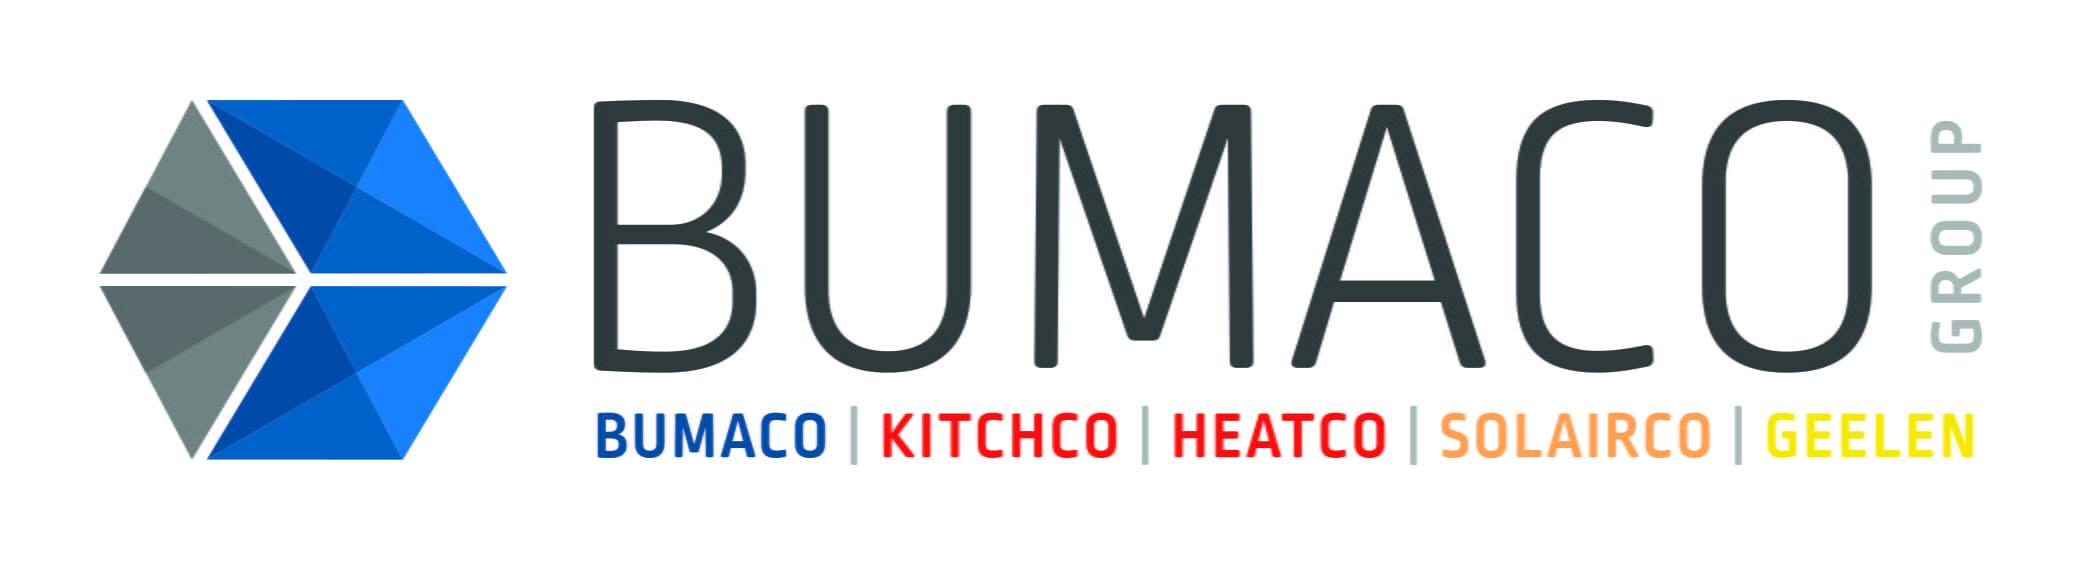 BUMACO-LOGO-cmyk